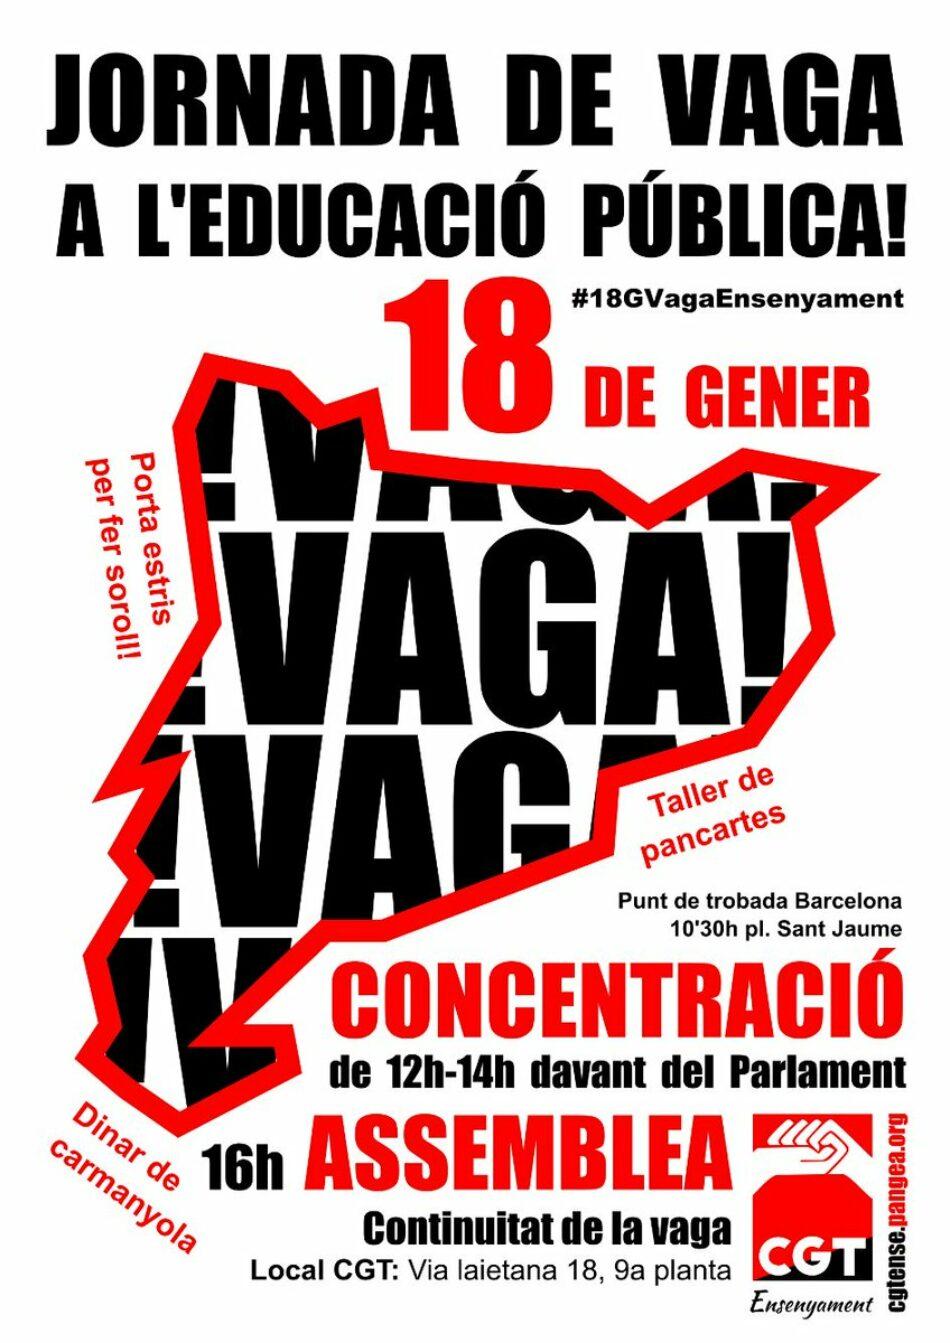 Vaga i manifestacio a l'enseyament 18 de gener per revertir les retallades en educació